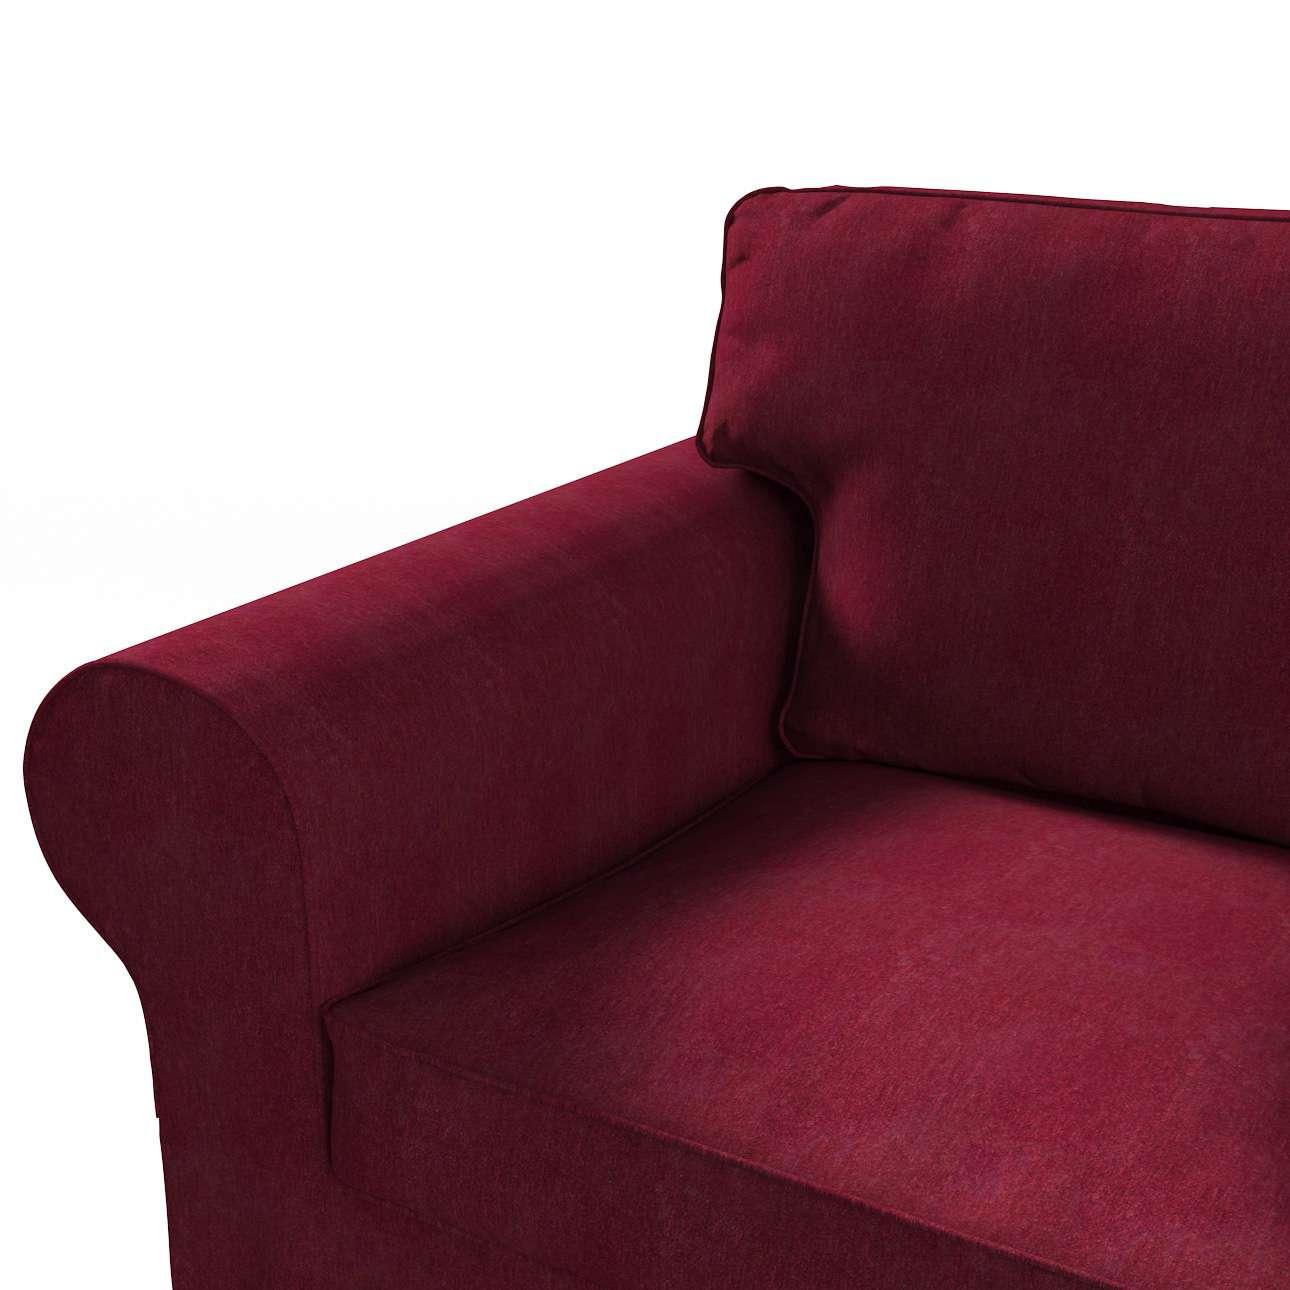 Pokrowiec na sofę Ektorp 3-osobową, rozkładaną NOWY MODEL 2013 w kolekcji Chenille, tkanina: 702-19